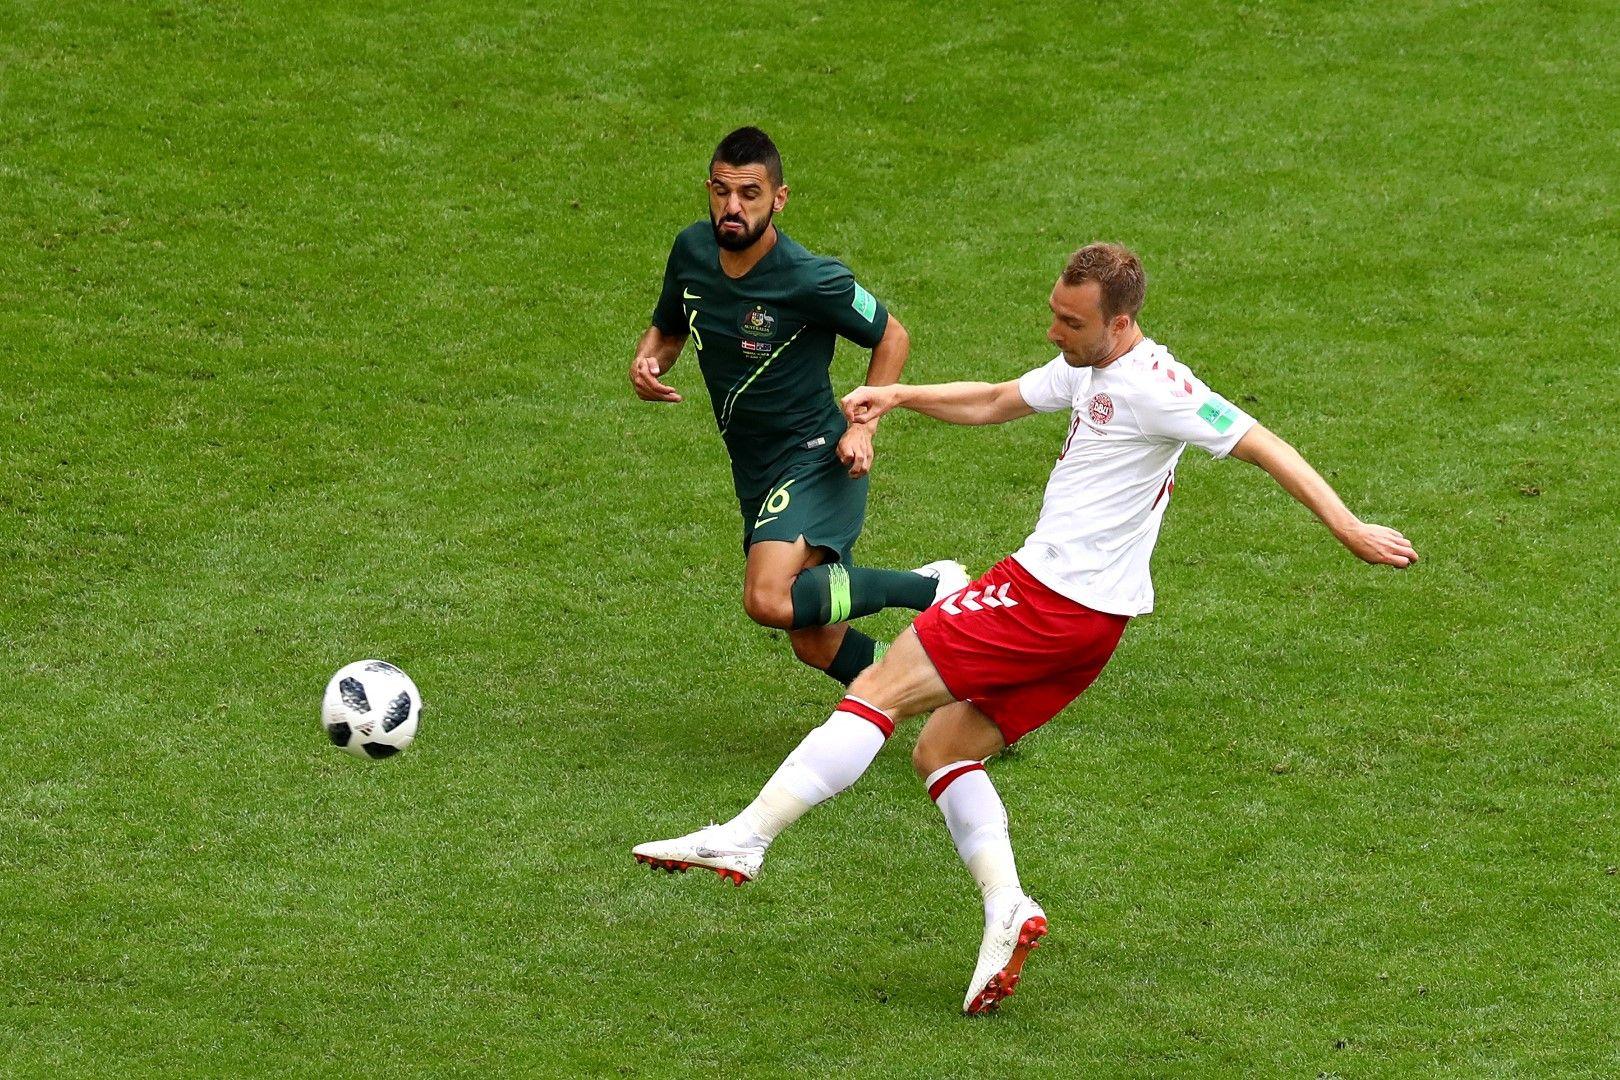 Ериксен с фамозно воле открива резултата в мача Дания - Австралия (1:1)